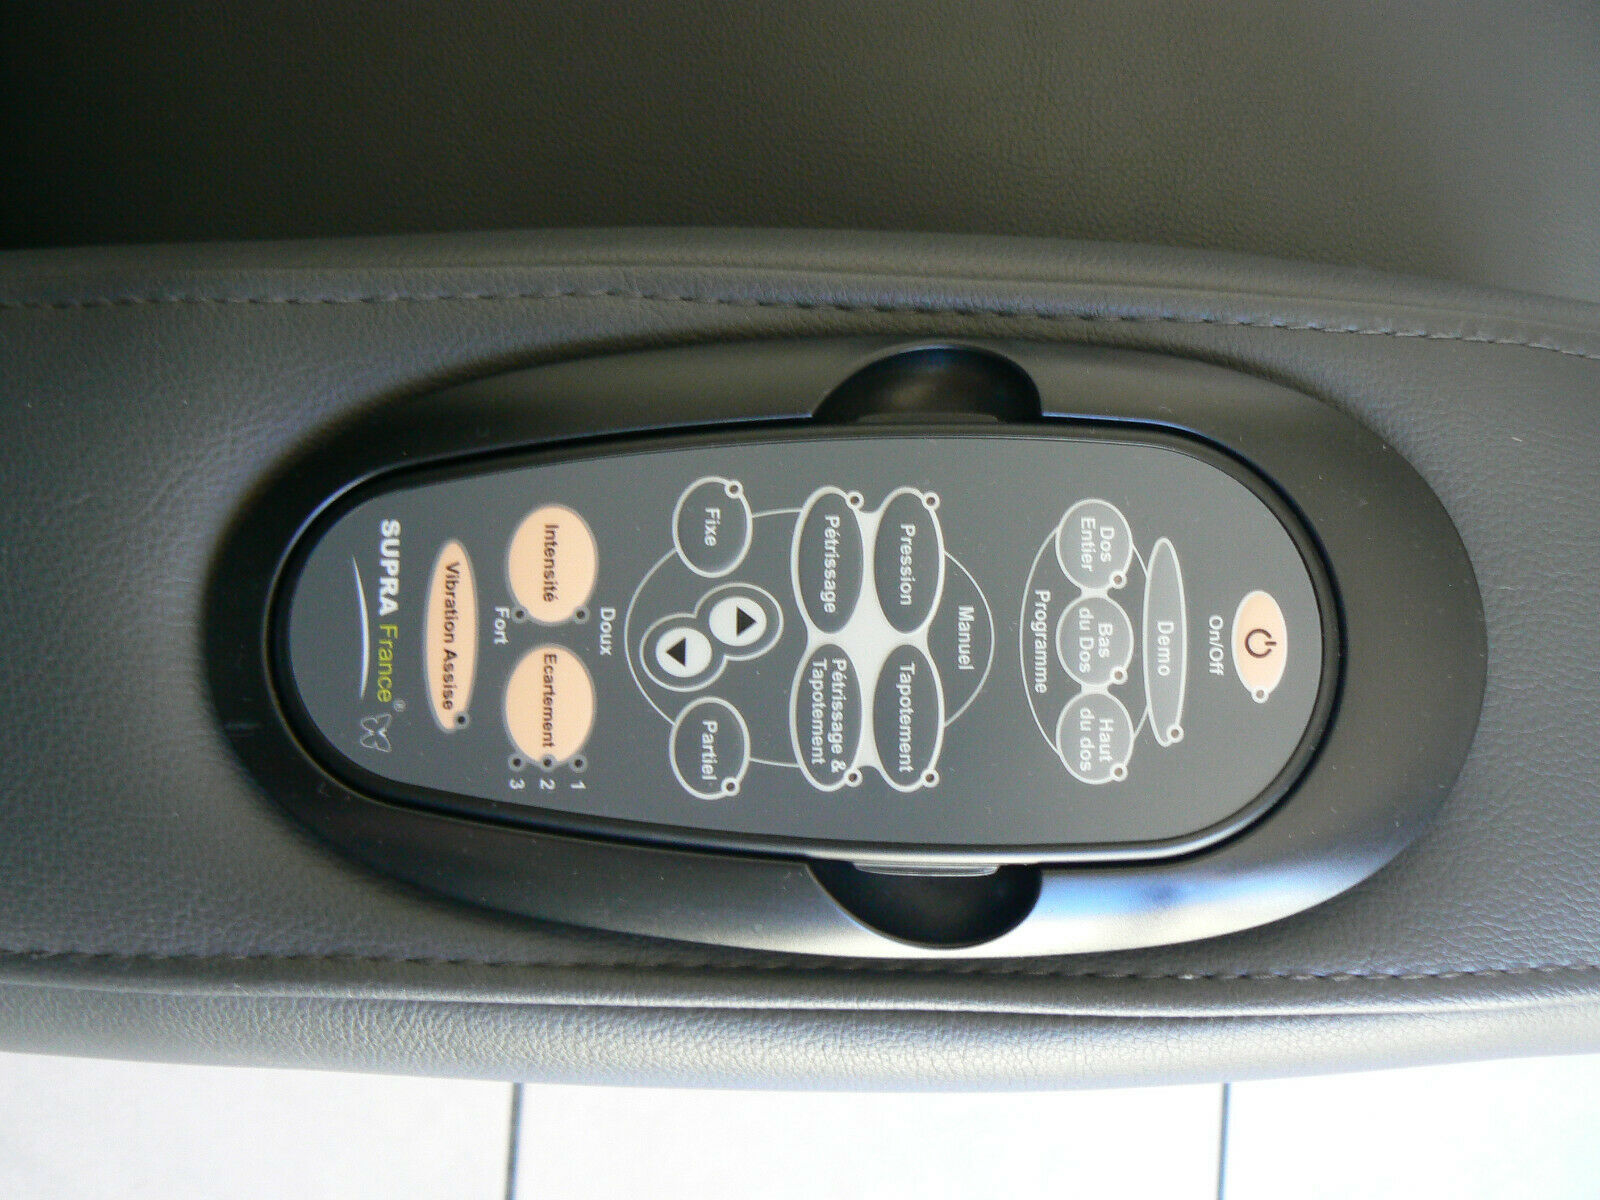 Fauteuil électrique de massage, supra sp 9300 gris